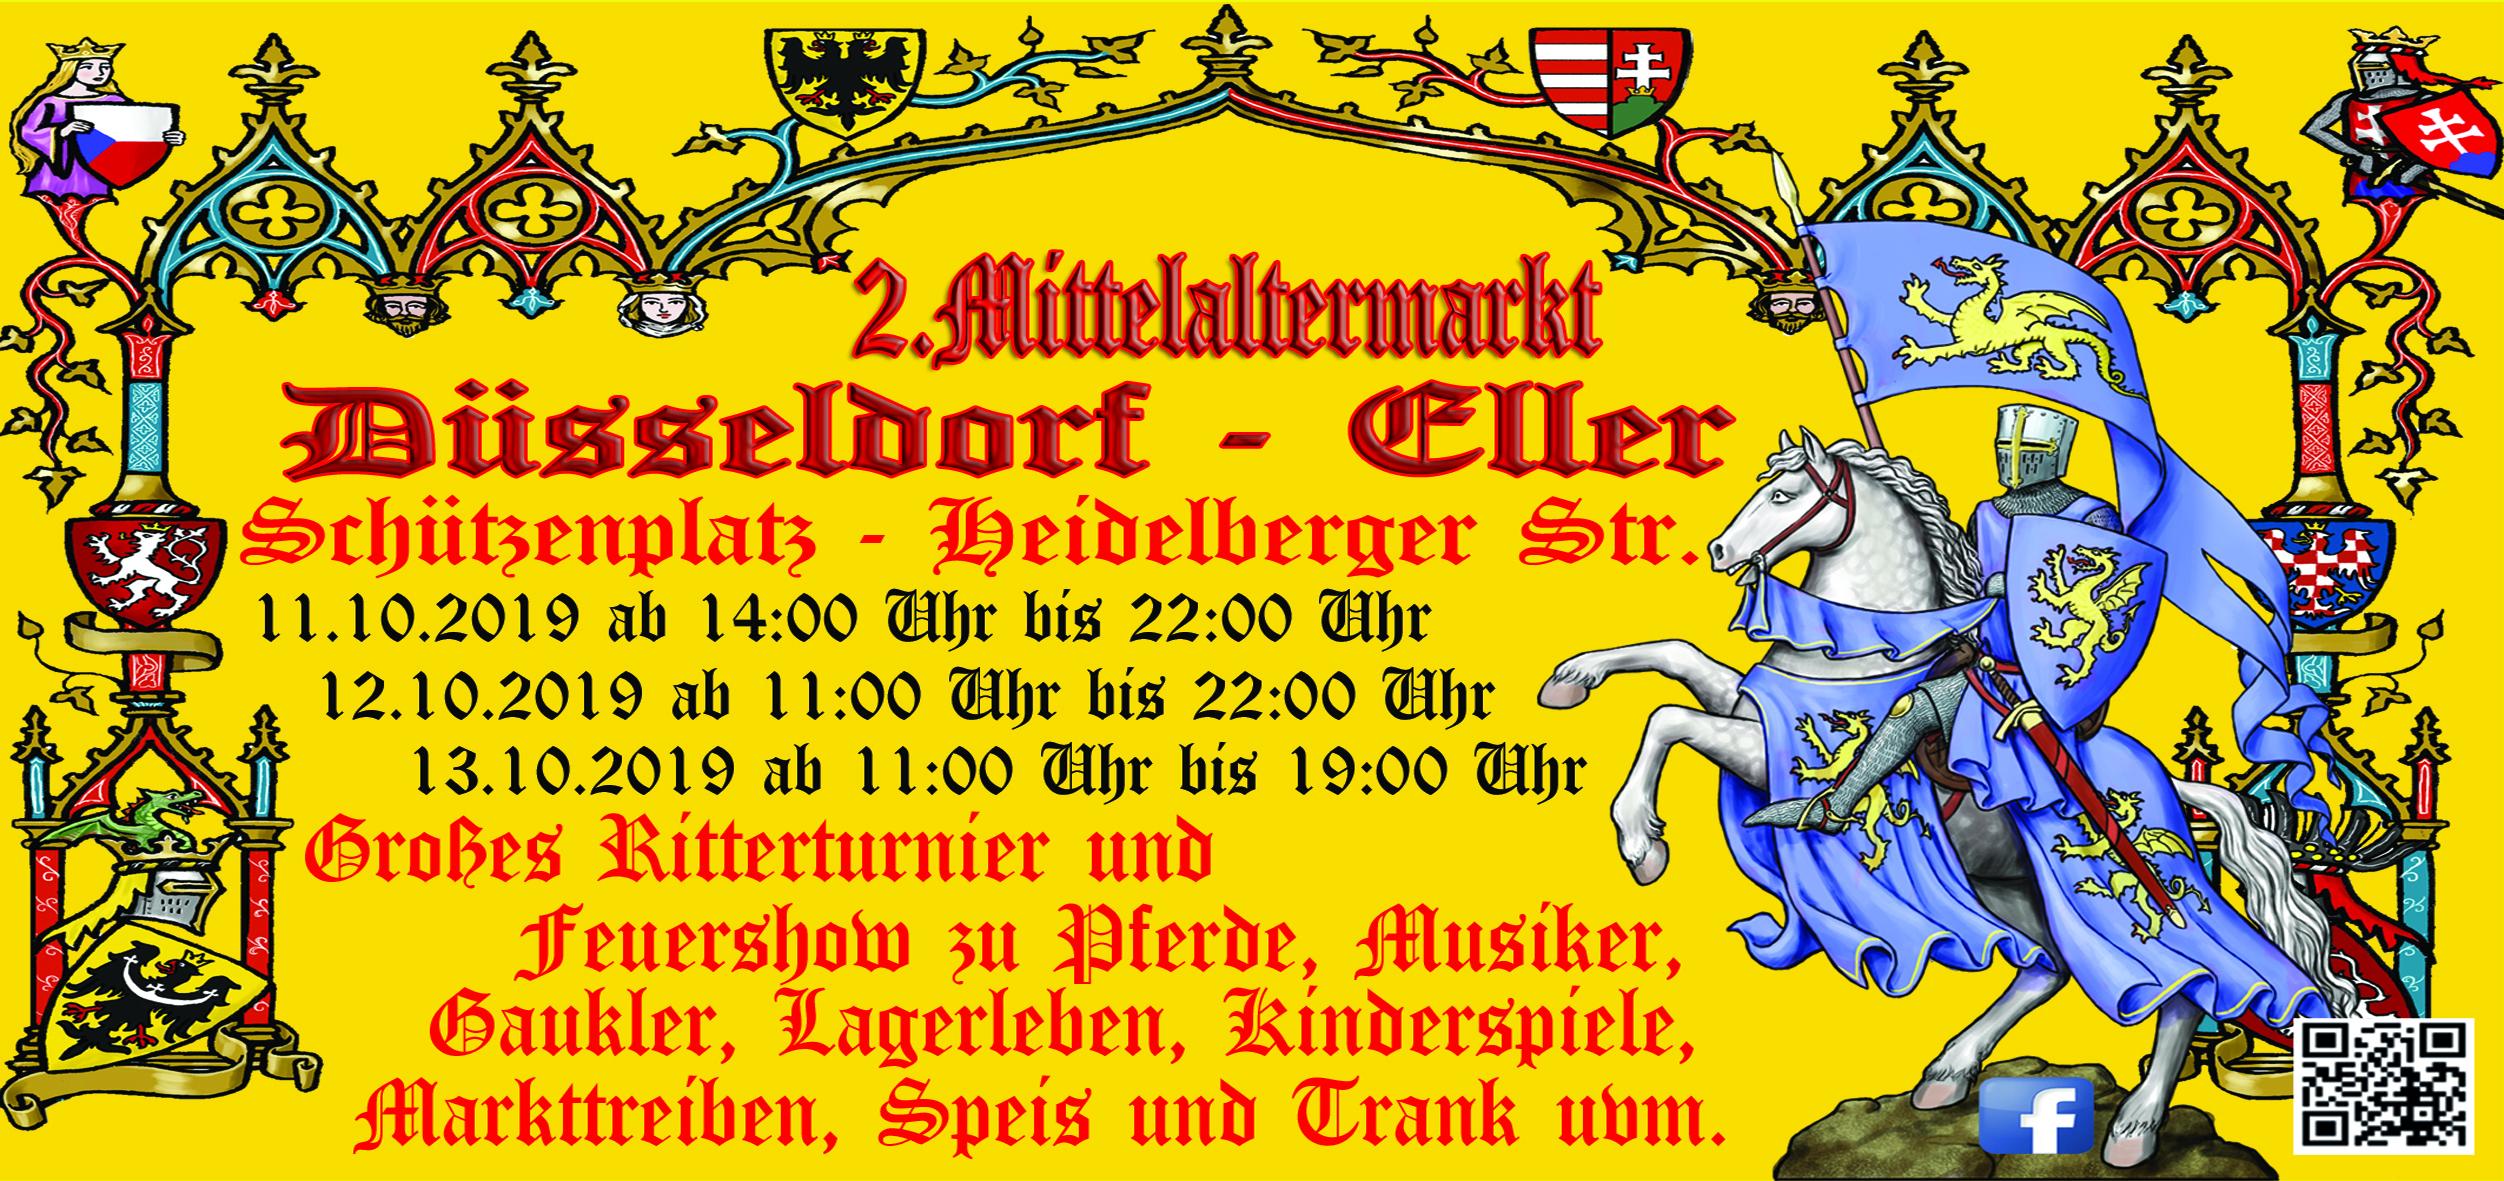 Mittelaltermarkt zu Düsseldorf - Eller